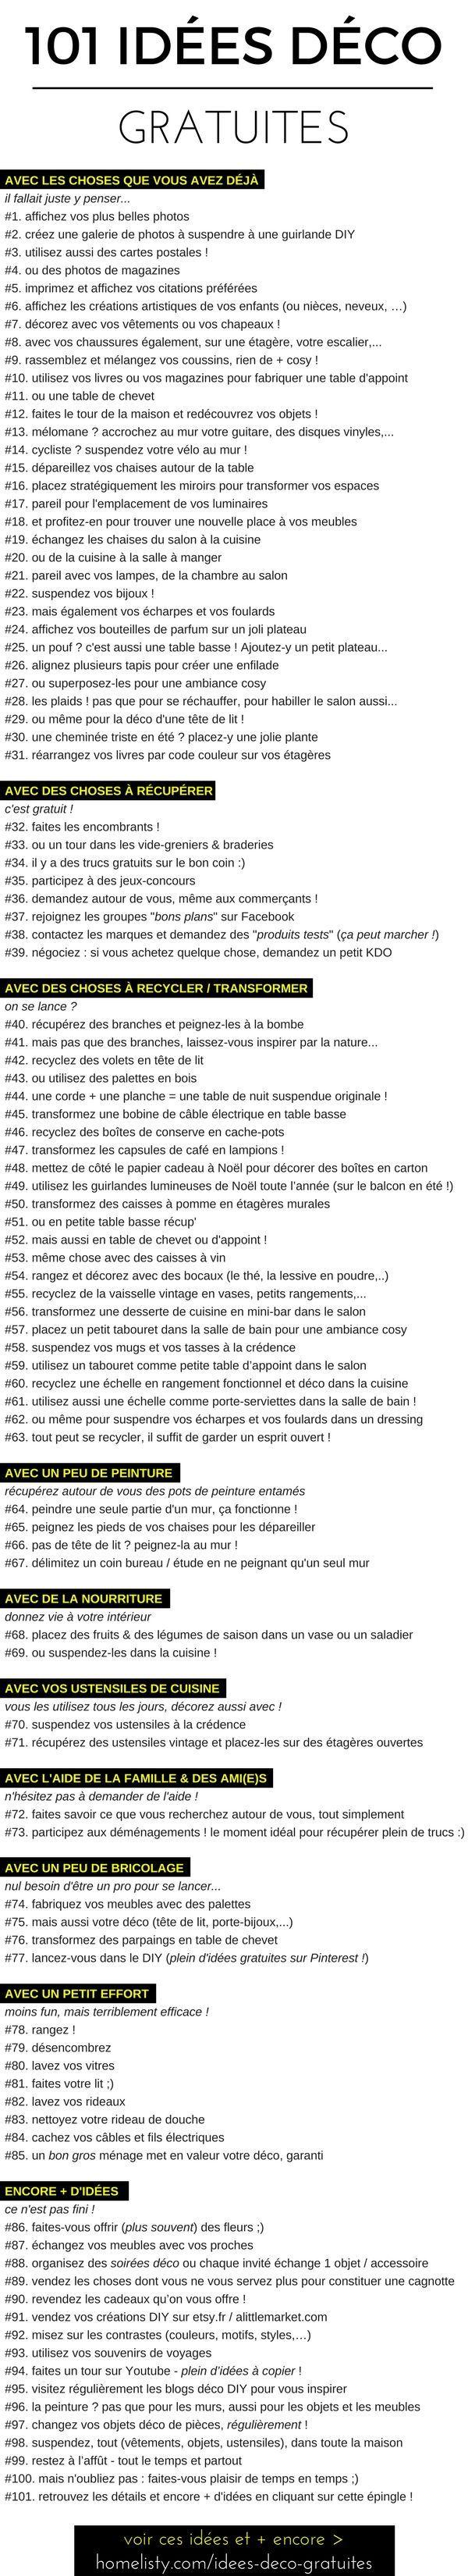 101 Idées Déco GRATUITES (La Liste)